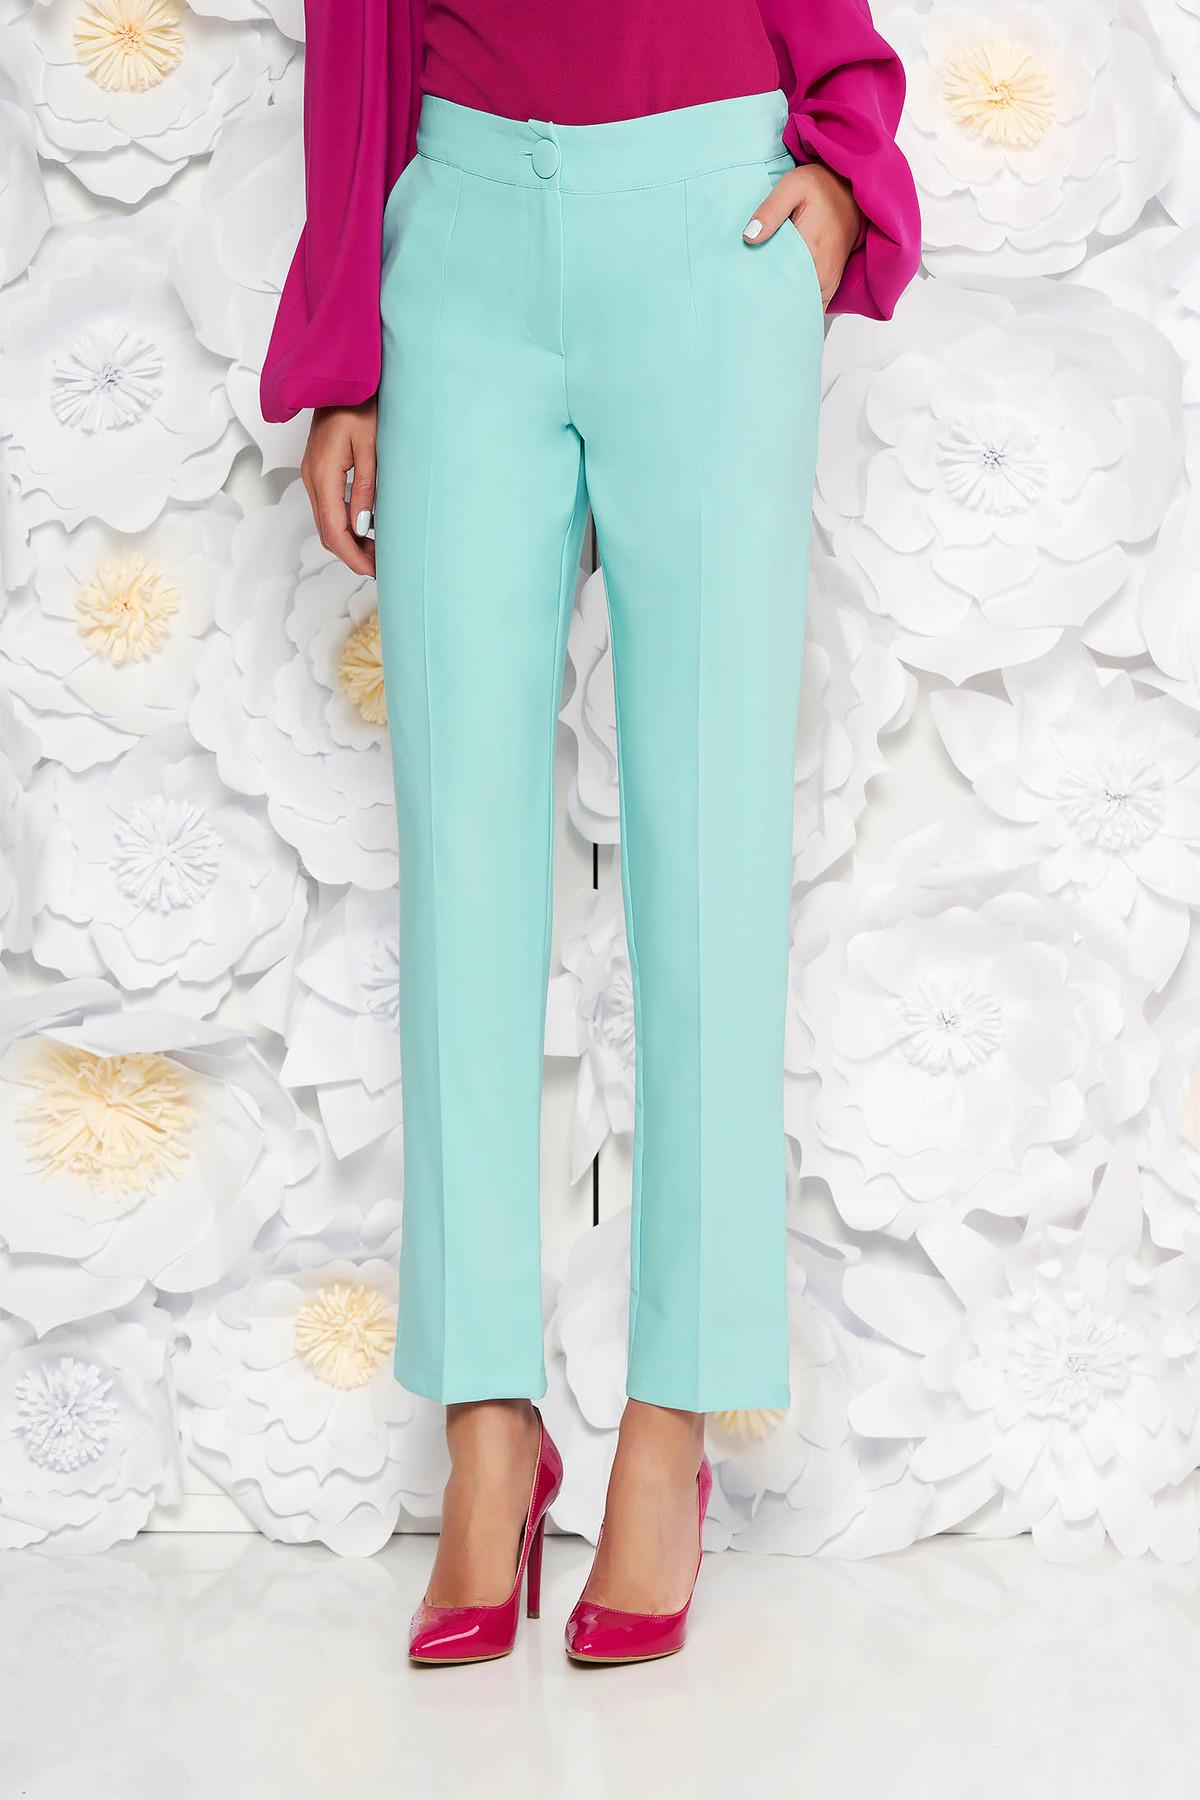 Pantaloni Artista mint office cu un croi drept cu talie medie din stofa usor elastica cu buzunare